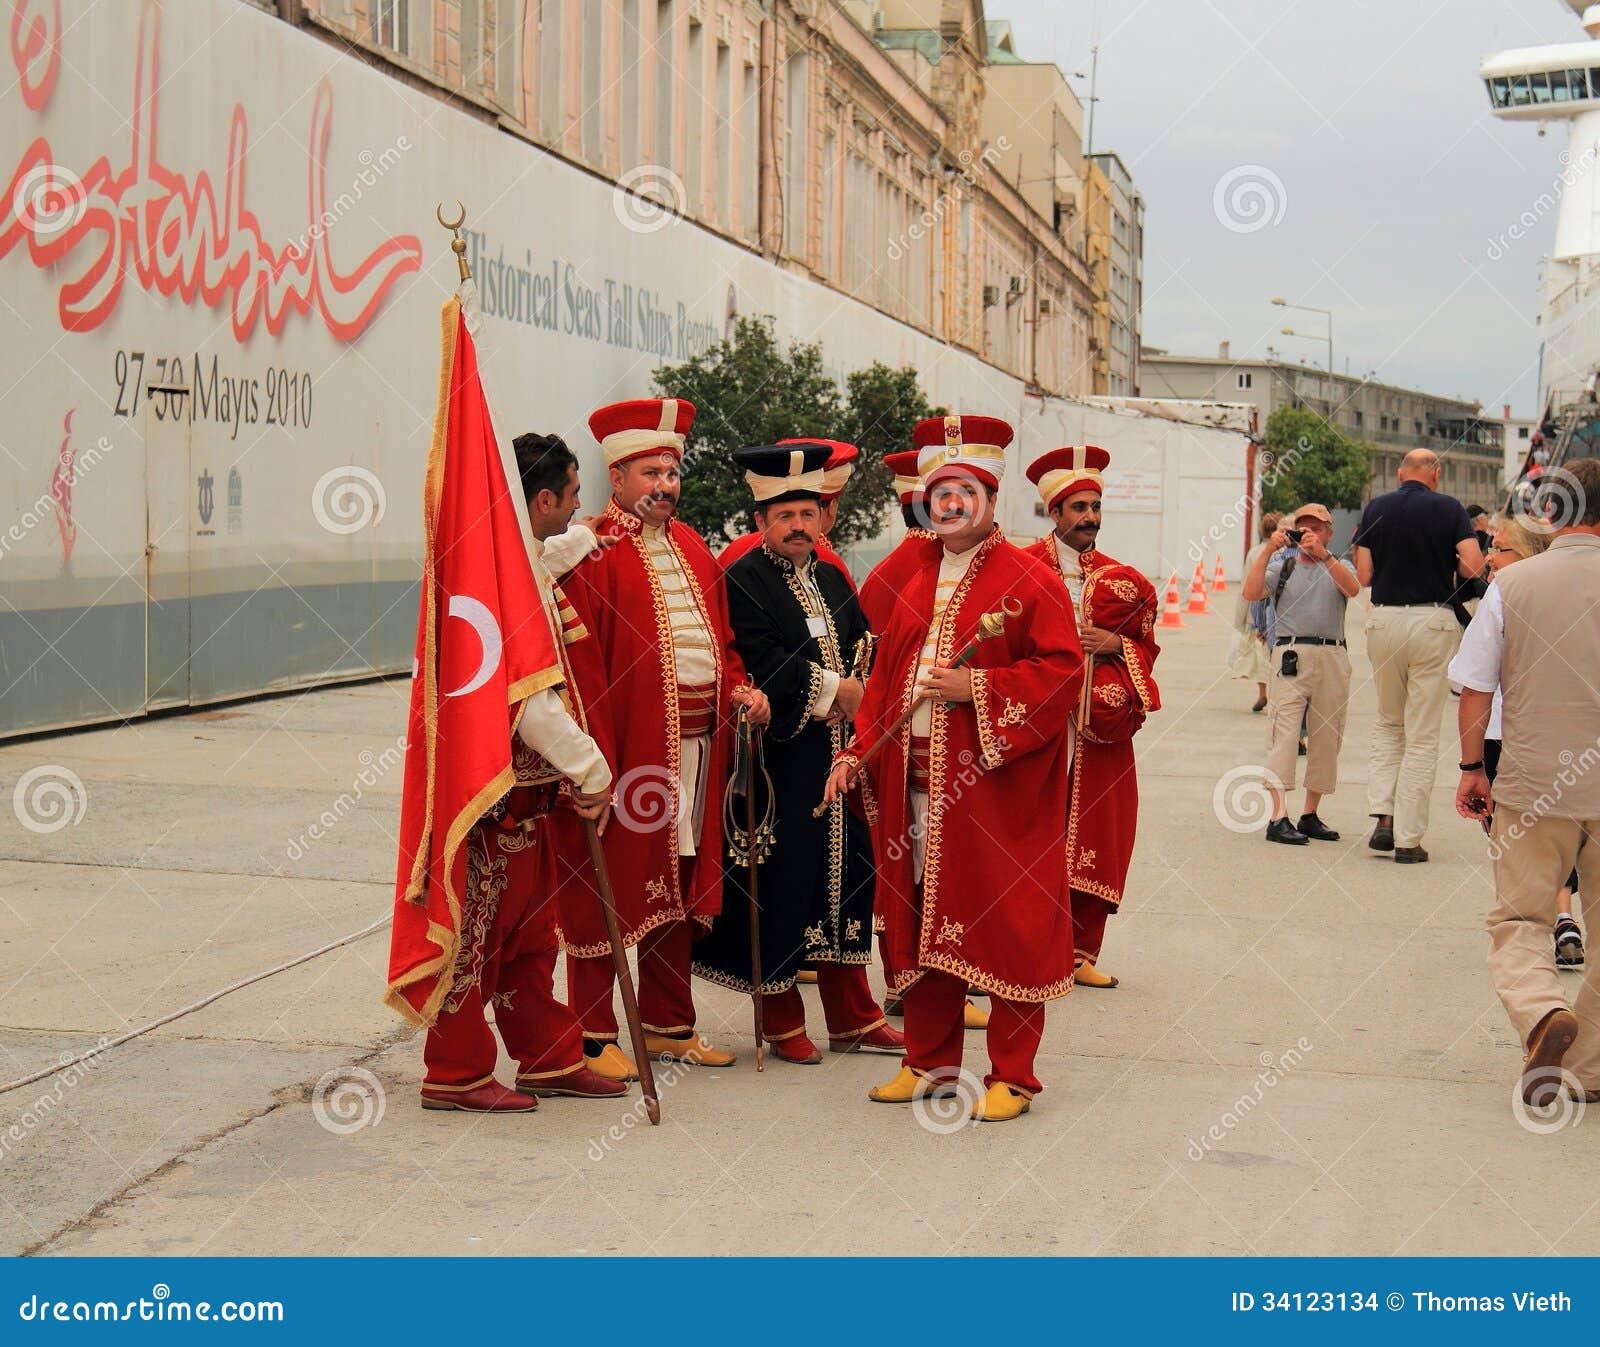 Costantinopoli: Membri di una banda militare dell impero ottomano